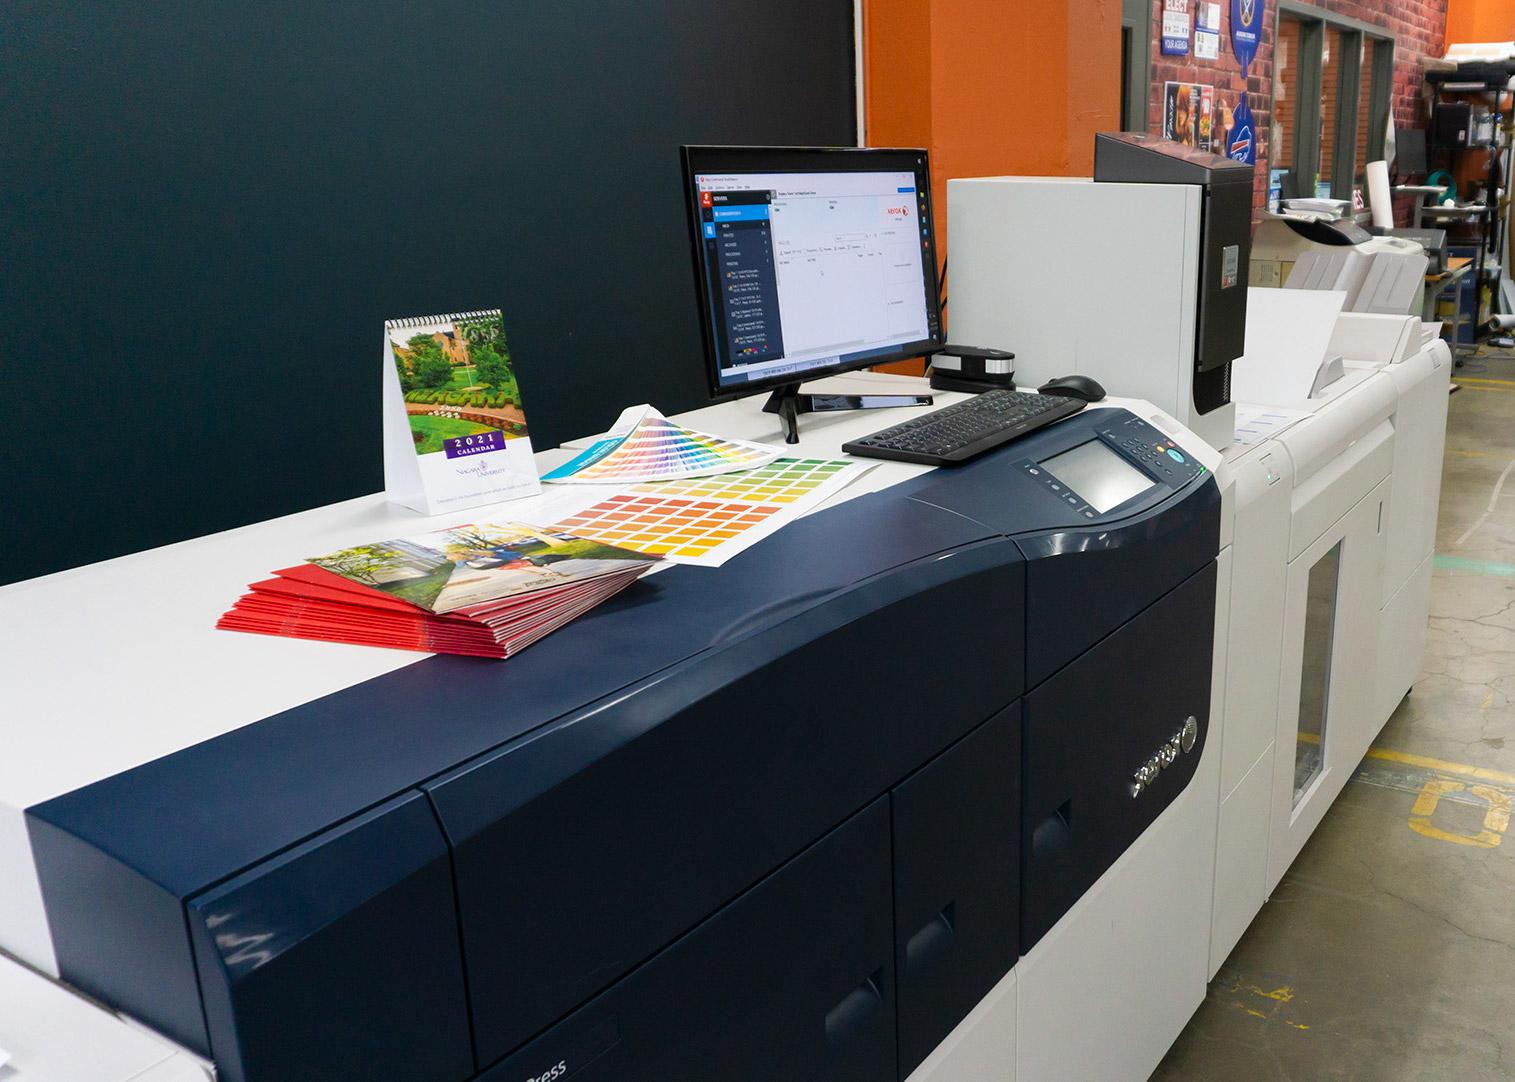 large xerox printing press